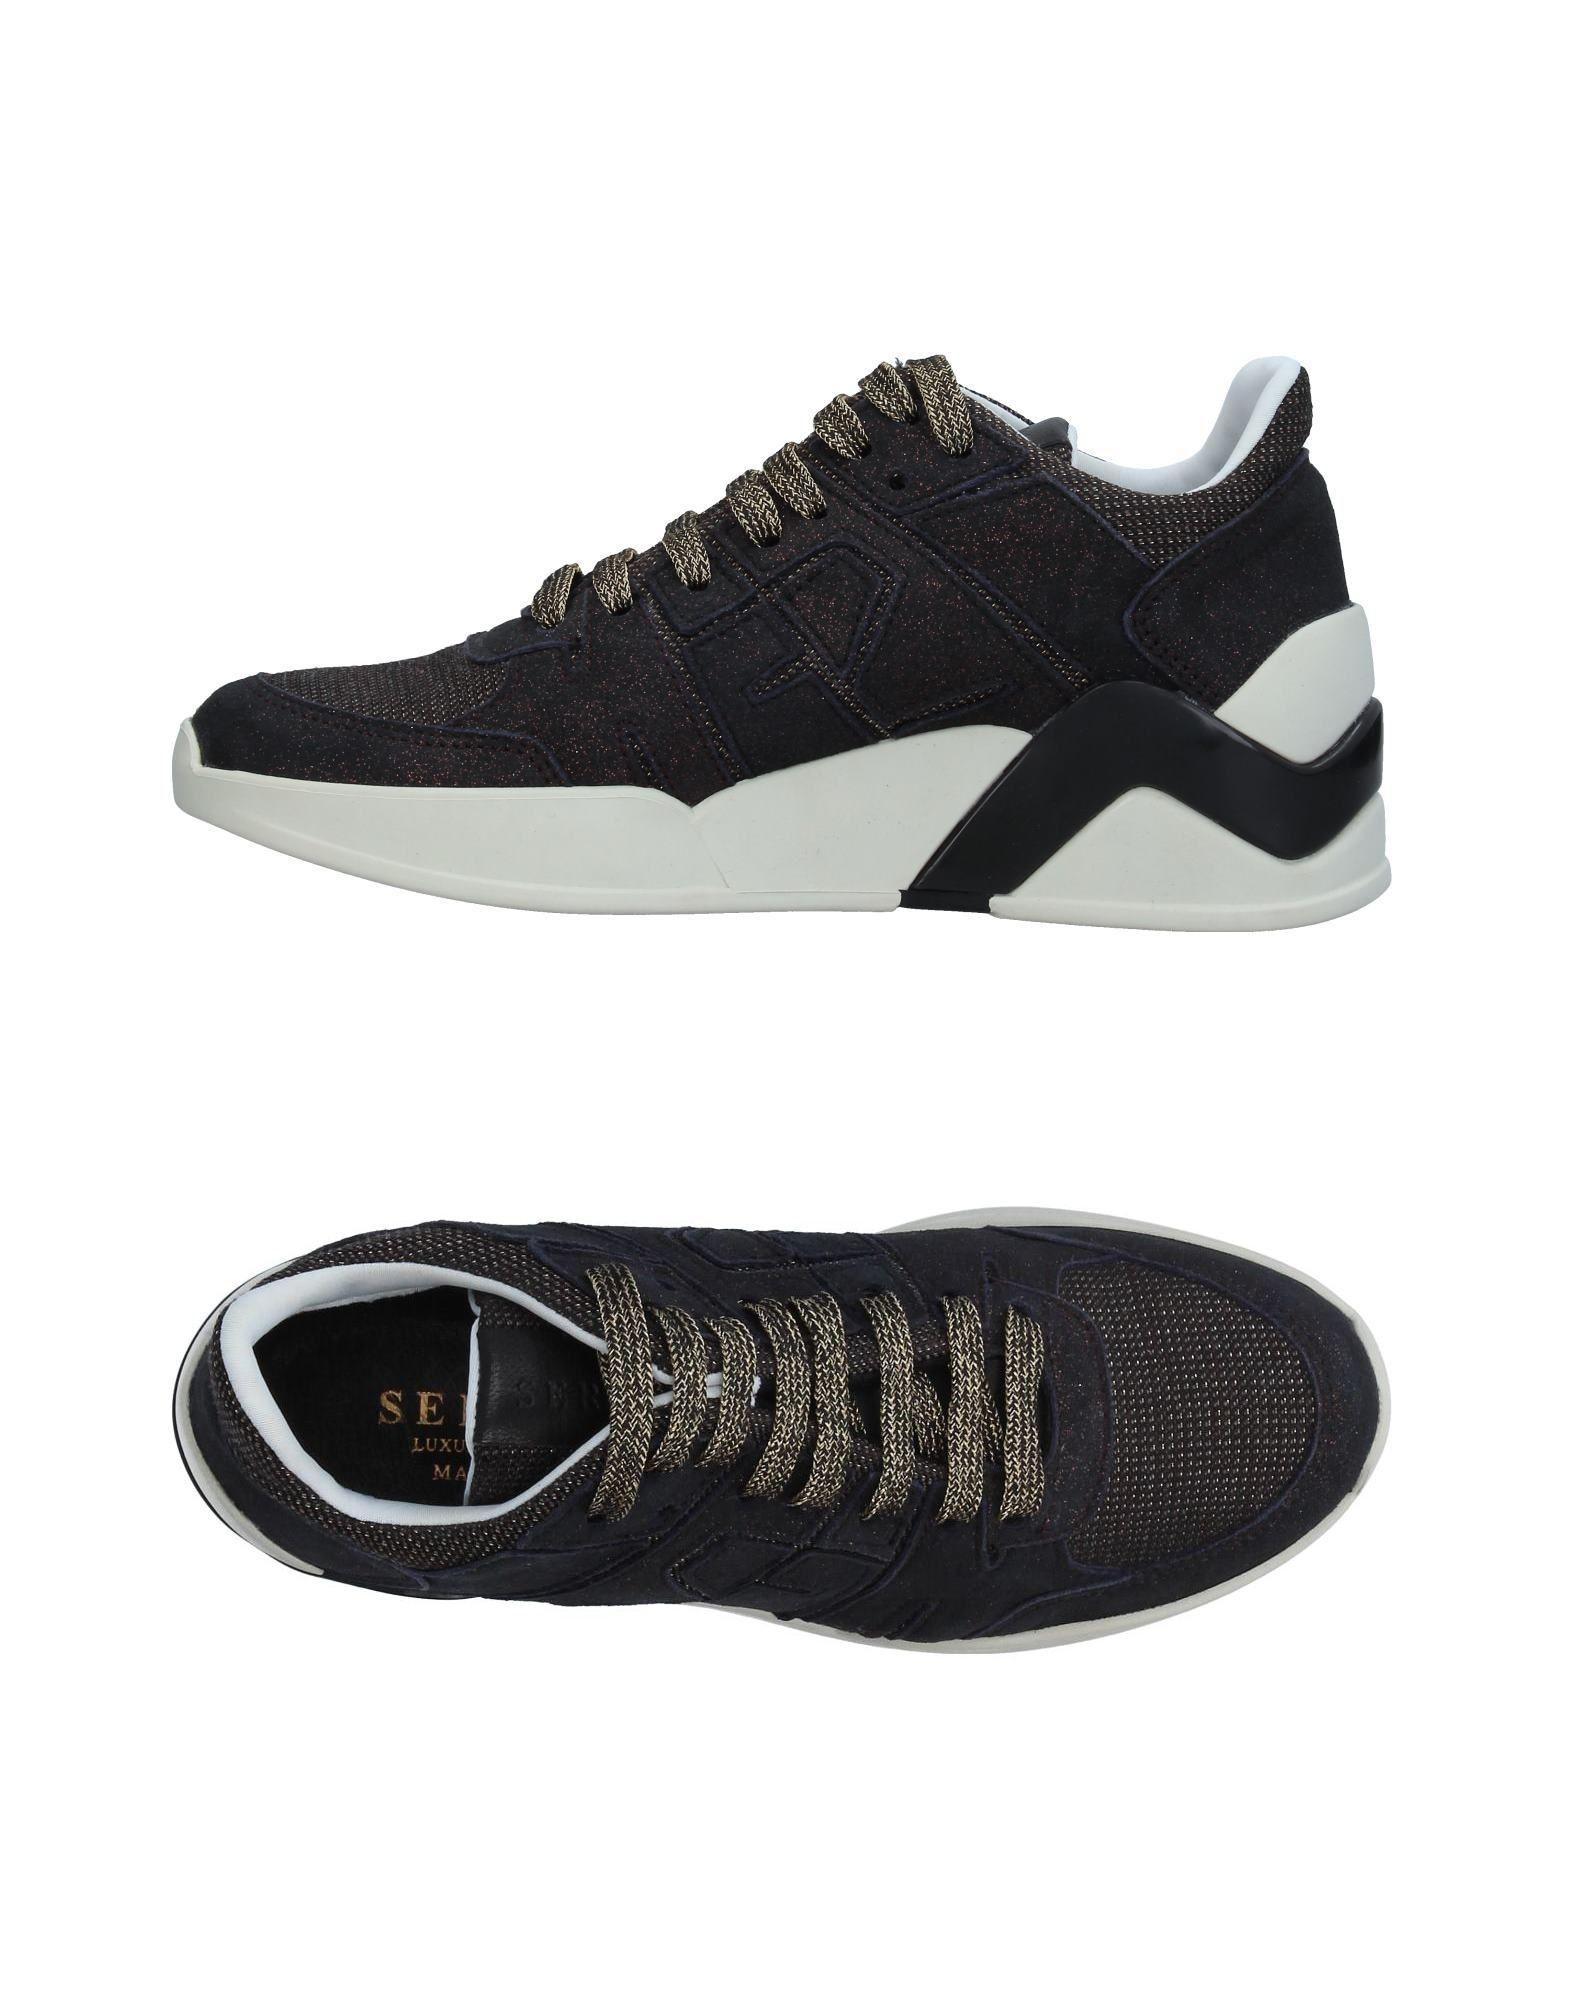 Serafini Sneakers Damen  11364990RT Gute Qualität beliebte Schuhe